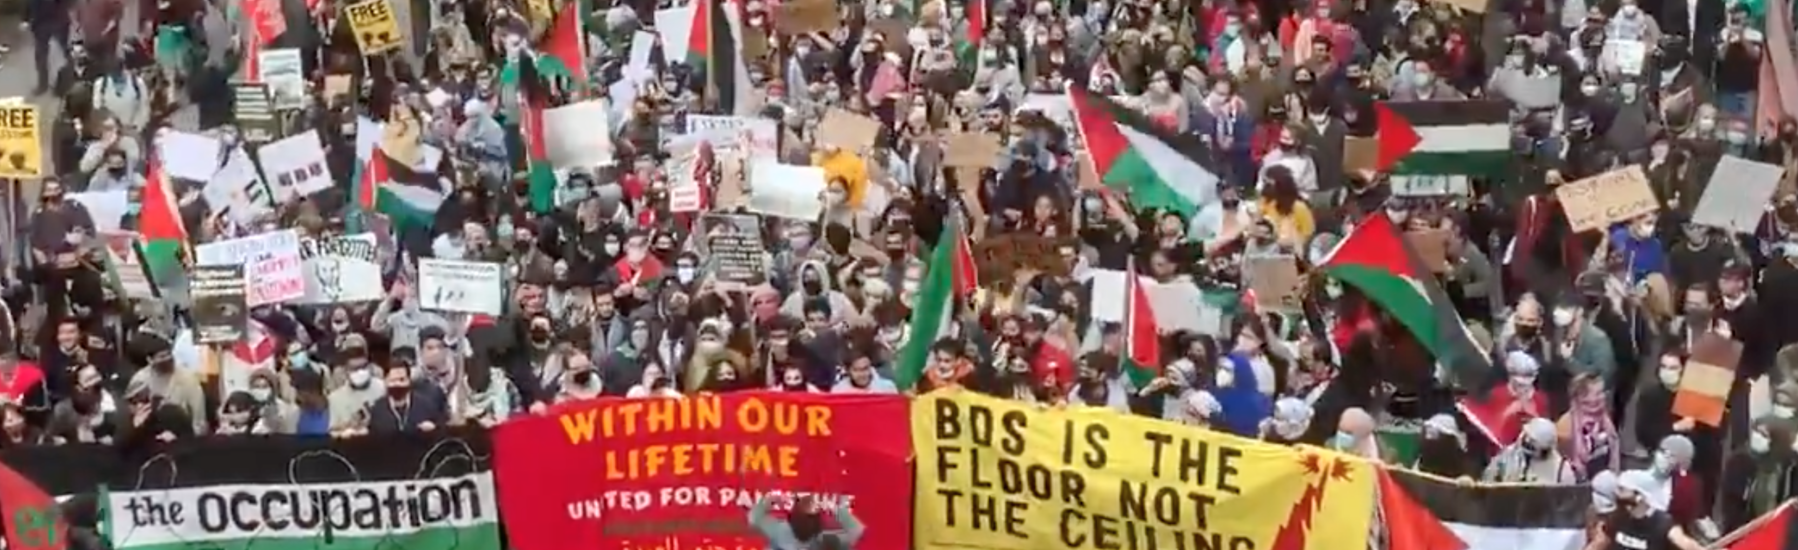 Διεθνής αλληλεγγύη στην Παλαιστίνη